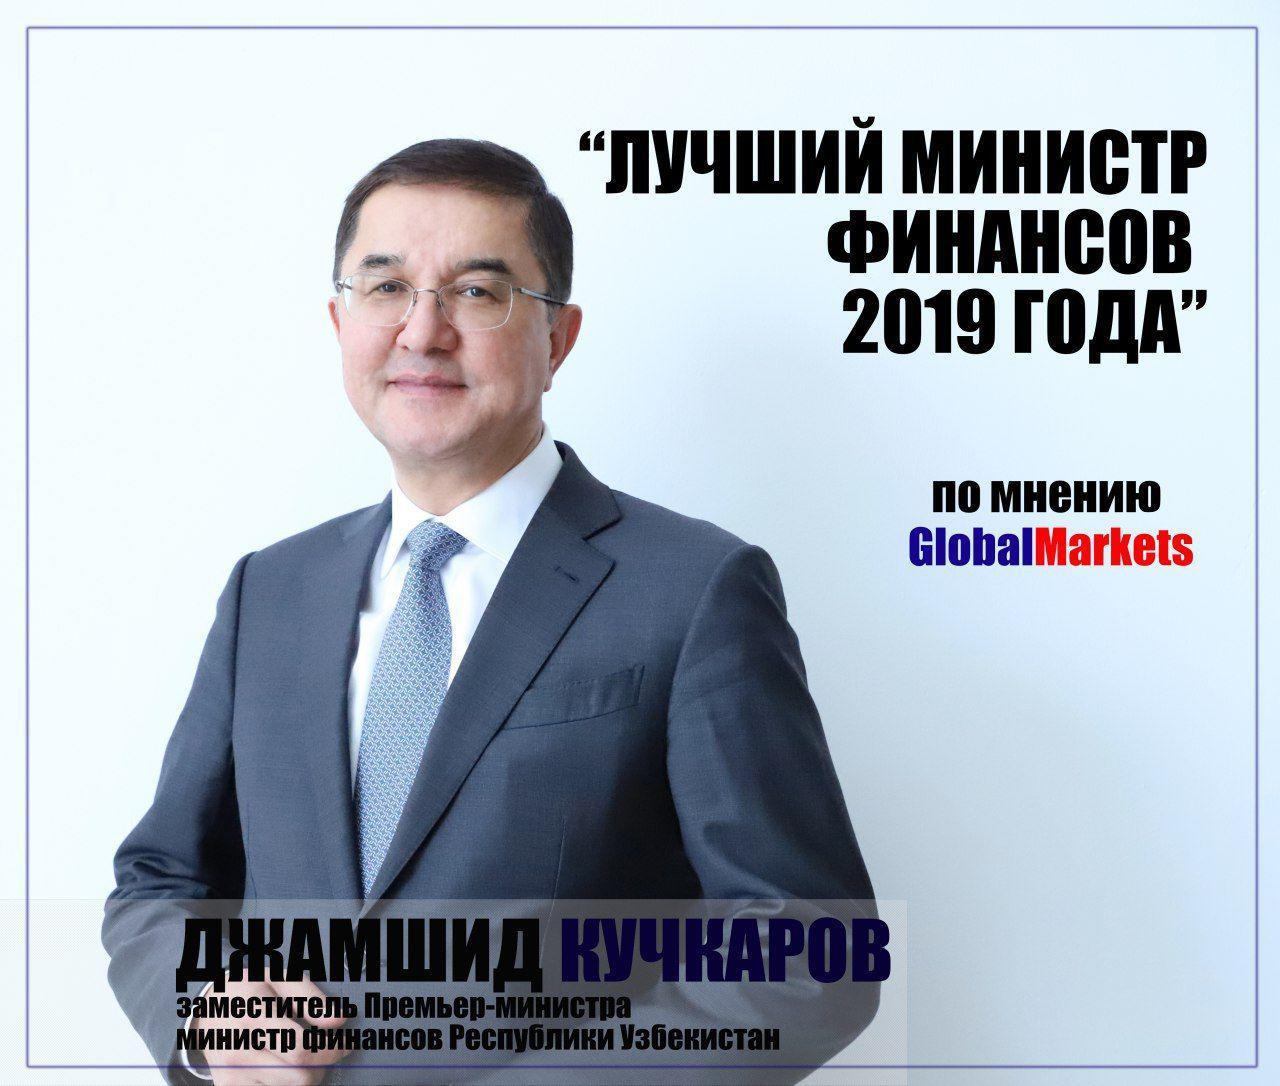 Джамшид Кучкаров признан лучшим министром финансов 2019 года